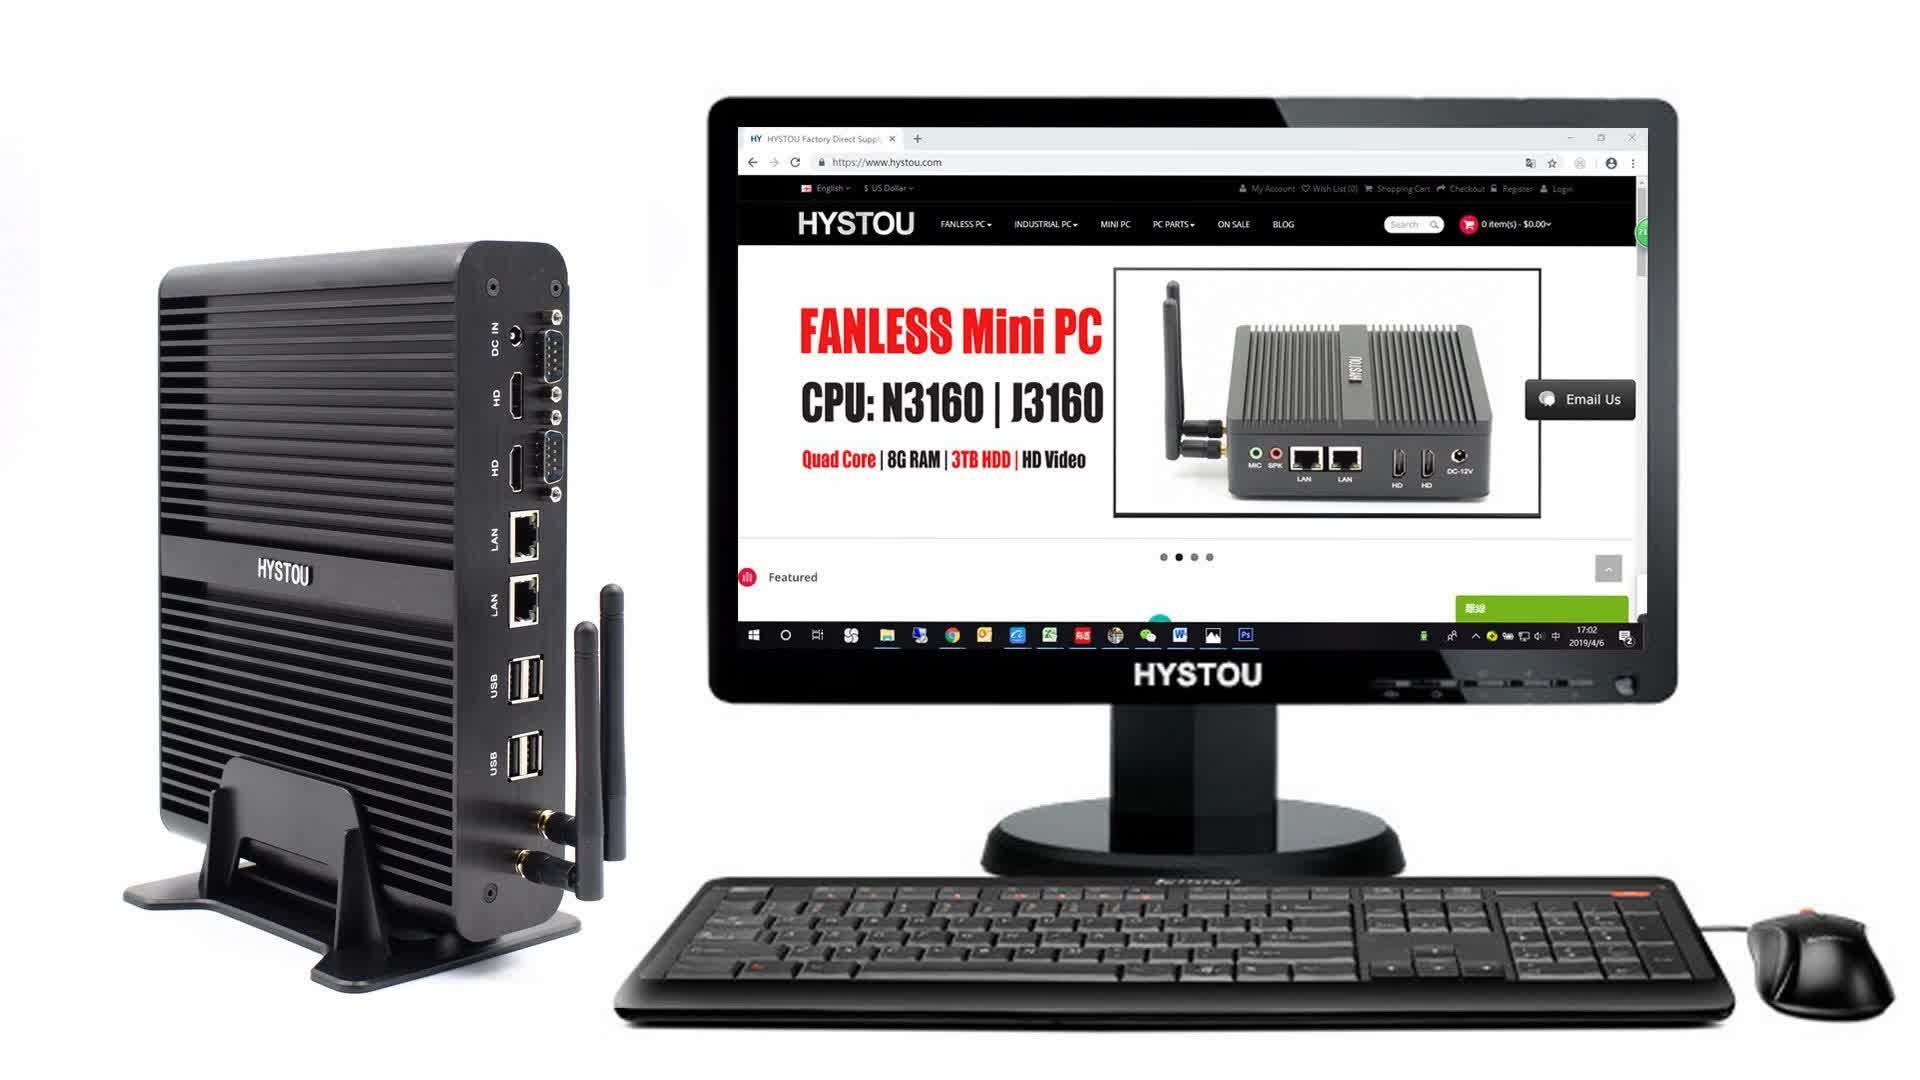 HYSTOU 듀얼 Lan 미니 PC 코어 i7 5500u RS232 미니 PC 팬리스 데스크탑 컴퓨터 HD 그래픽 5500